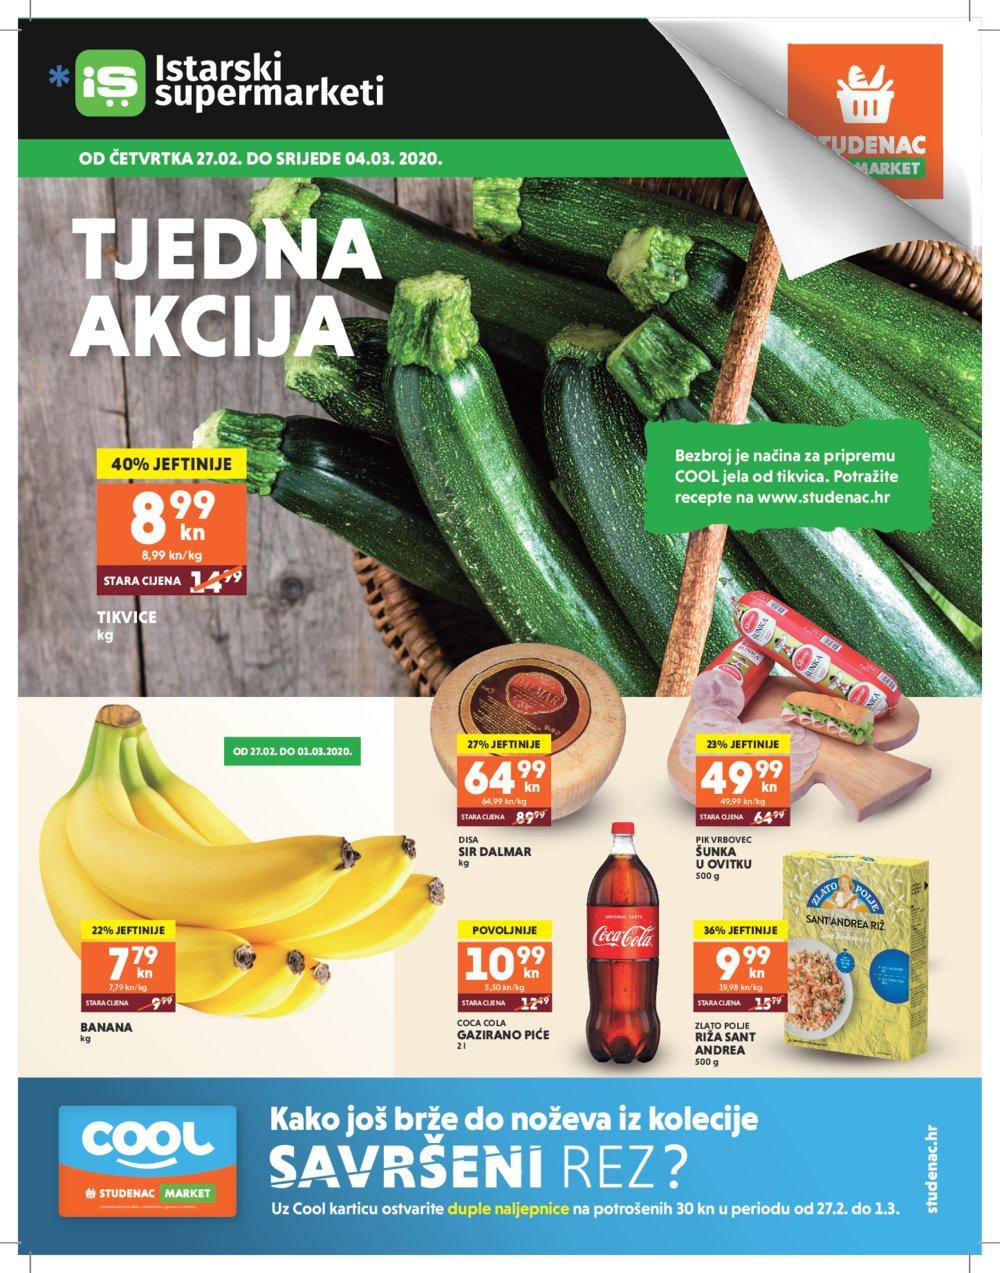 Istarski supermarketi-Studenac katalog Tjedna akcija 27.02.-04.03.2020.